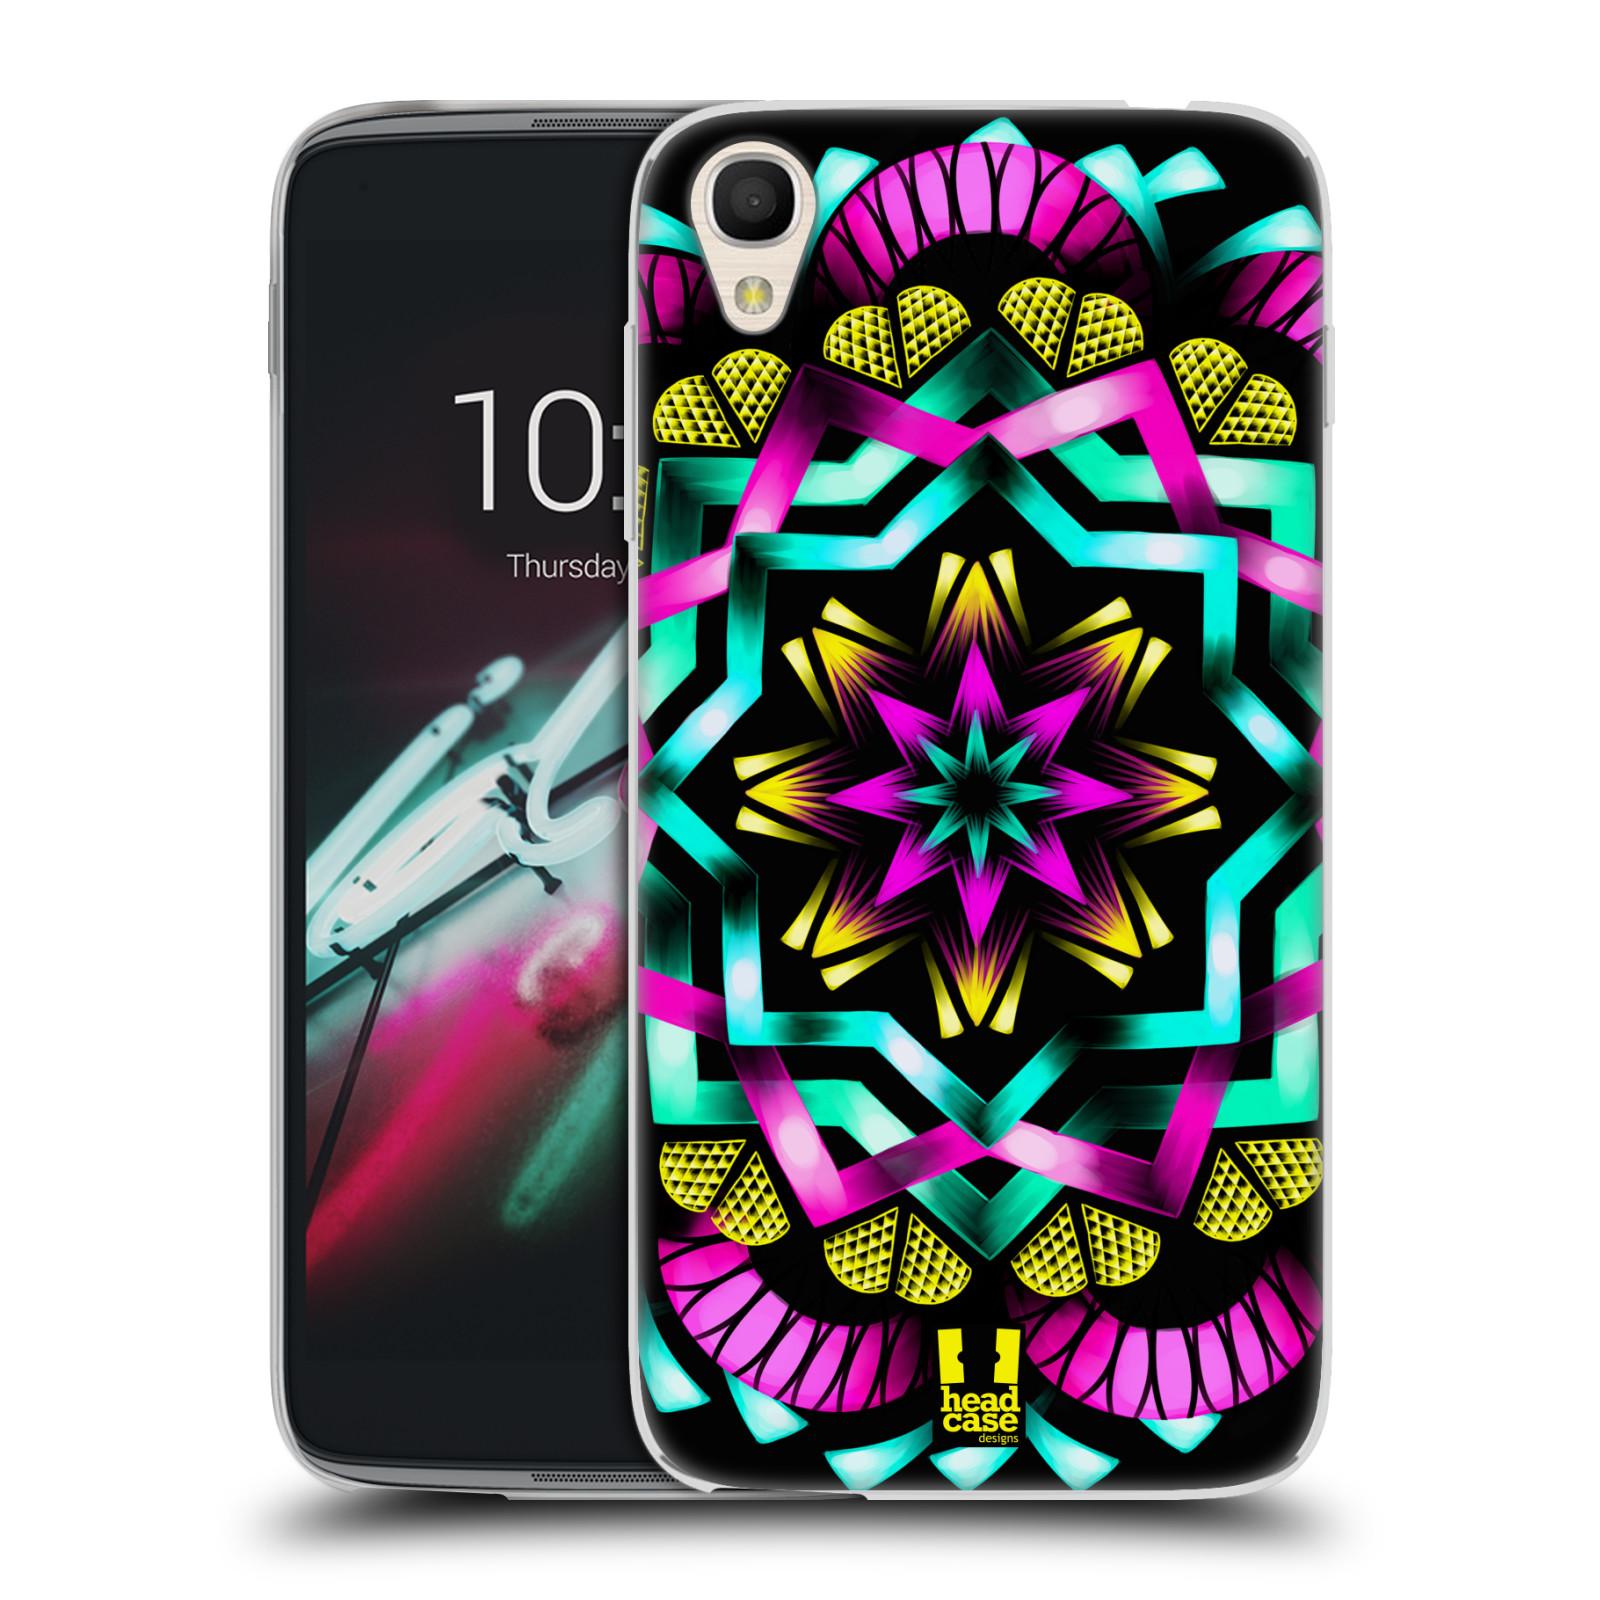 HEAD CASE silikonový obal na mobil Alcatel Idol 3 OT-6039Y (4.7) vzor Indie Mandala kaleidoskop barevný vzor SLUNCE